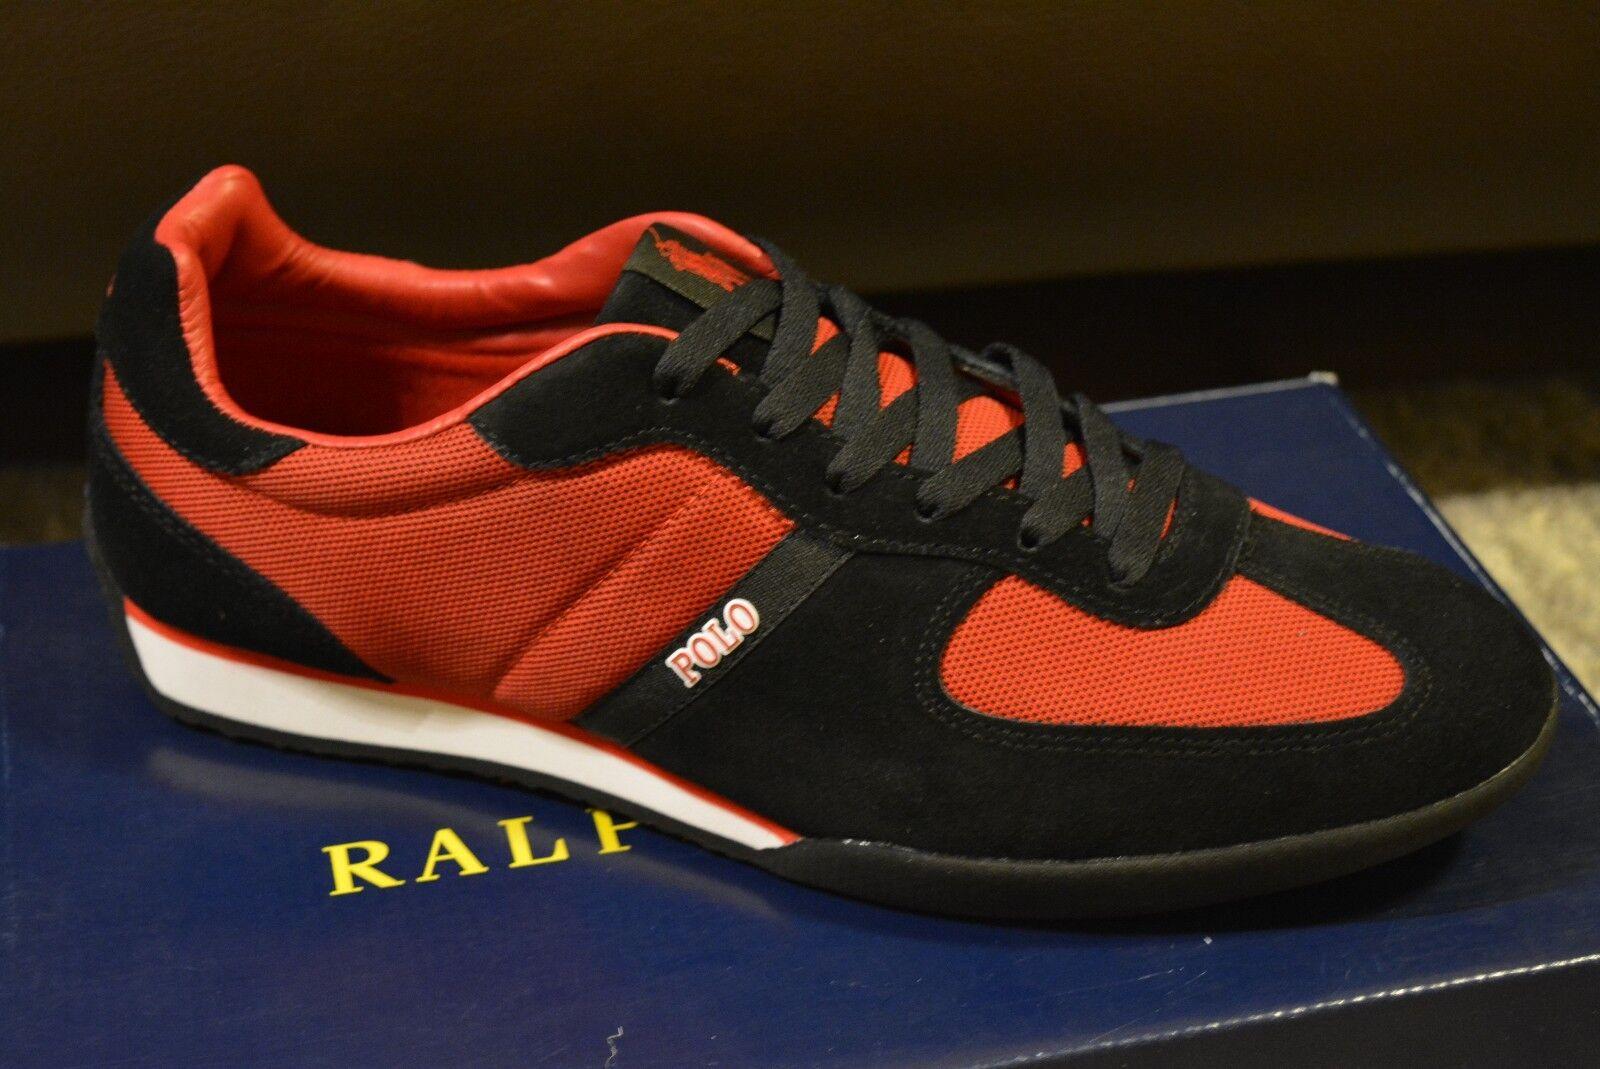 Ralph Lauren Jacory Herren Schuhe, Turnschuhe, Rot, Schwarz  Gr.44 Neu